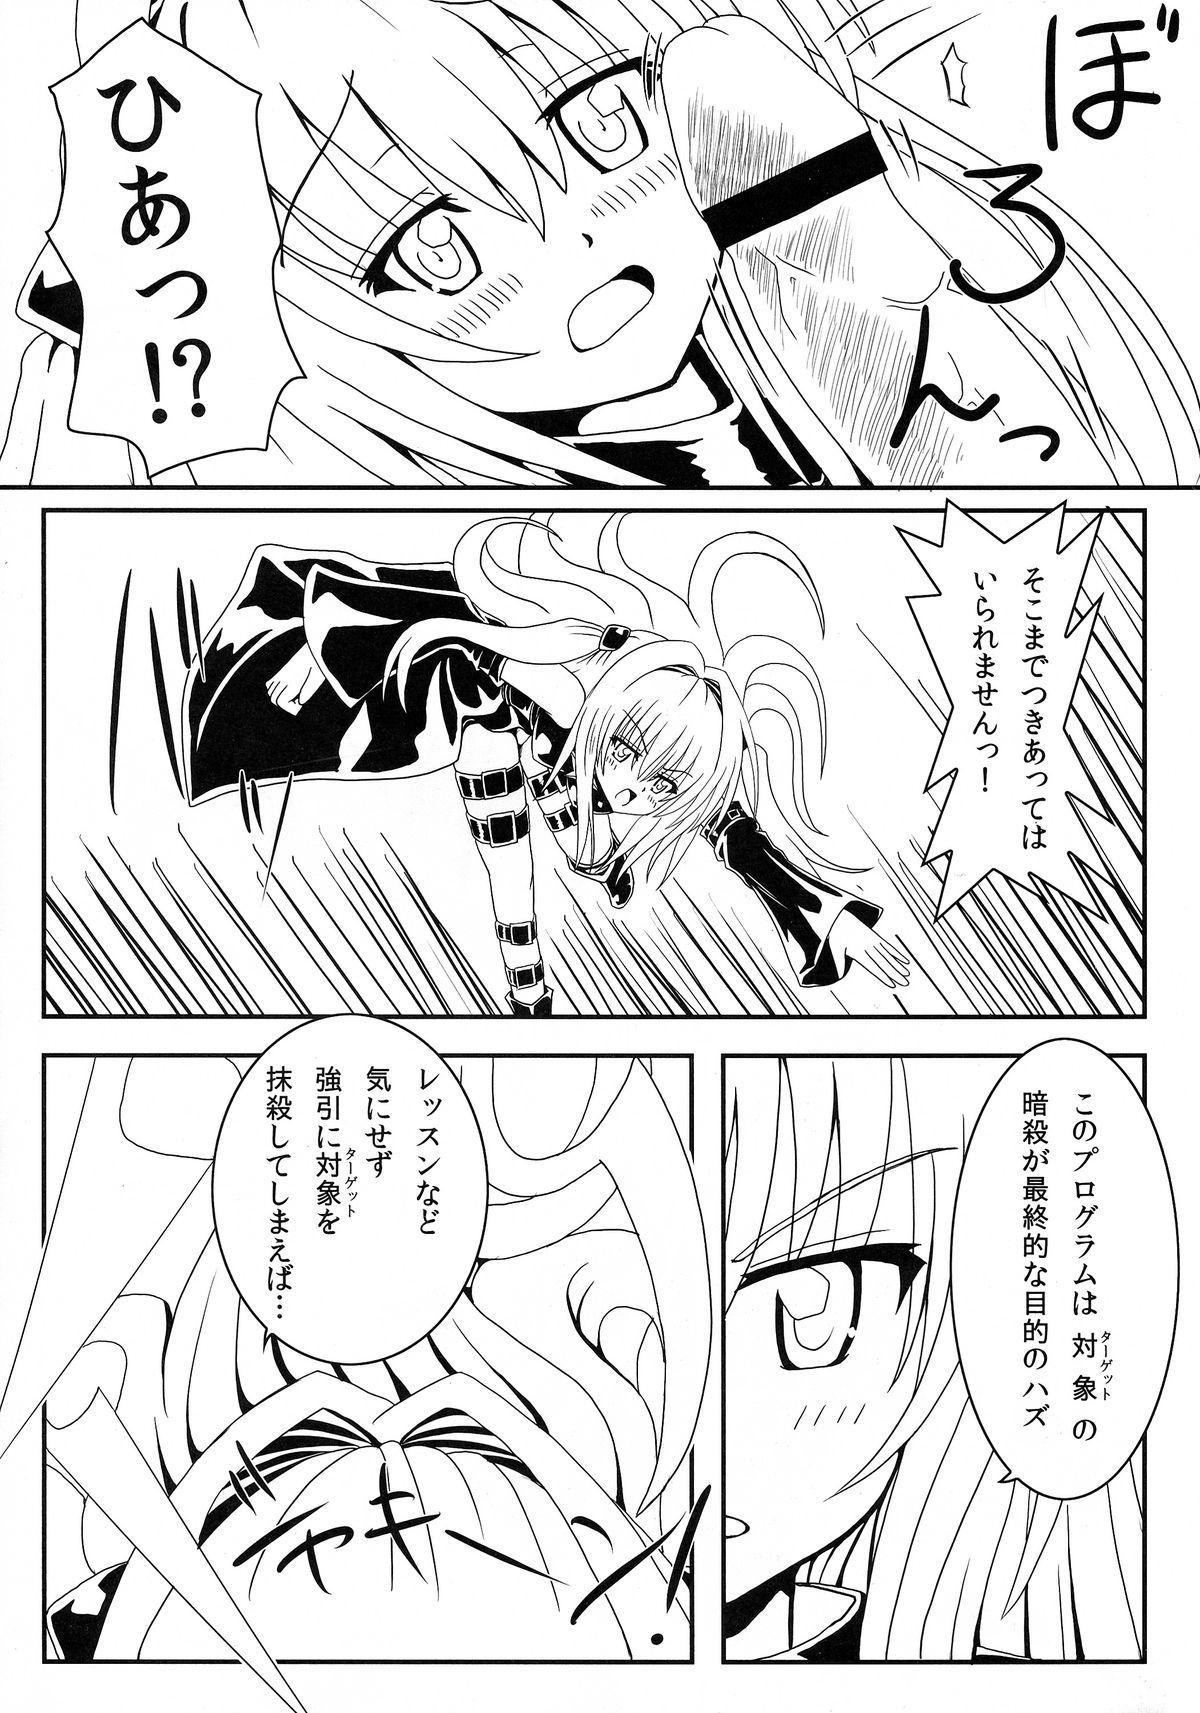 Yami-chan no Ansatsu Kyoushitsu 11